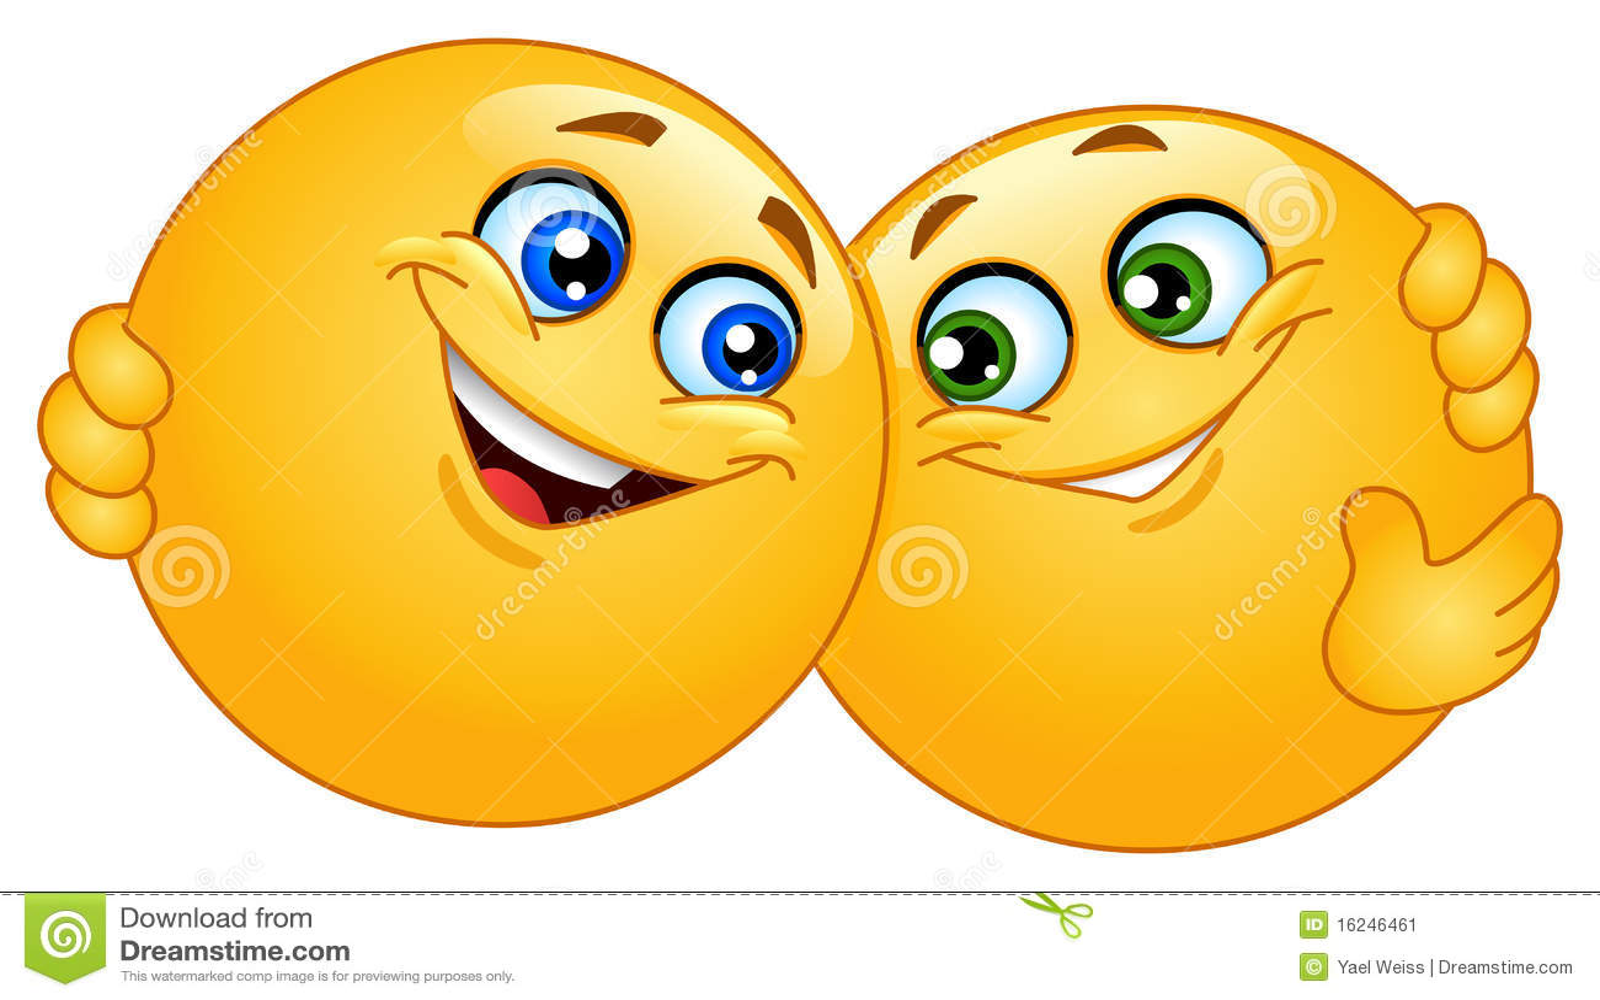 Smileys Smiley Faces And Emoticon: Hugging Emoticons Stock Vector. Image Of Cuddle, Emoticon